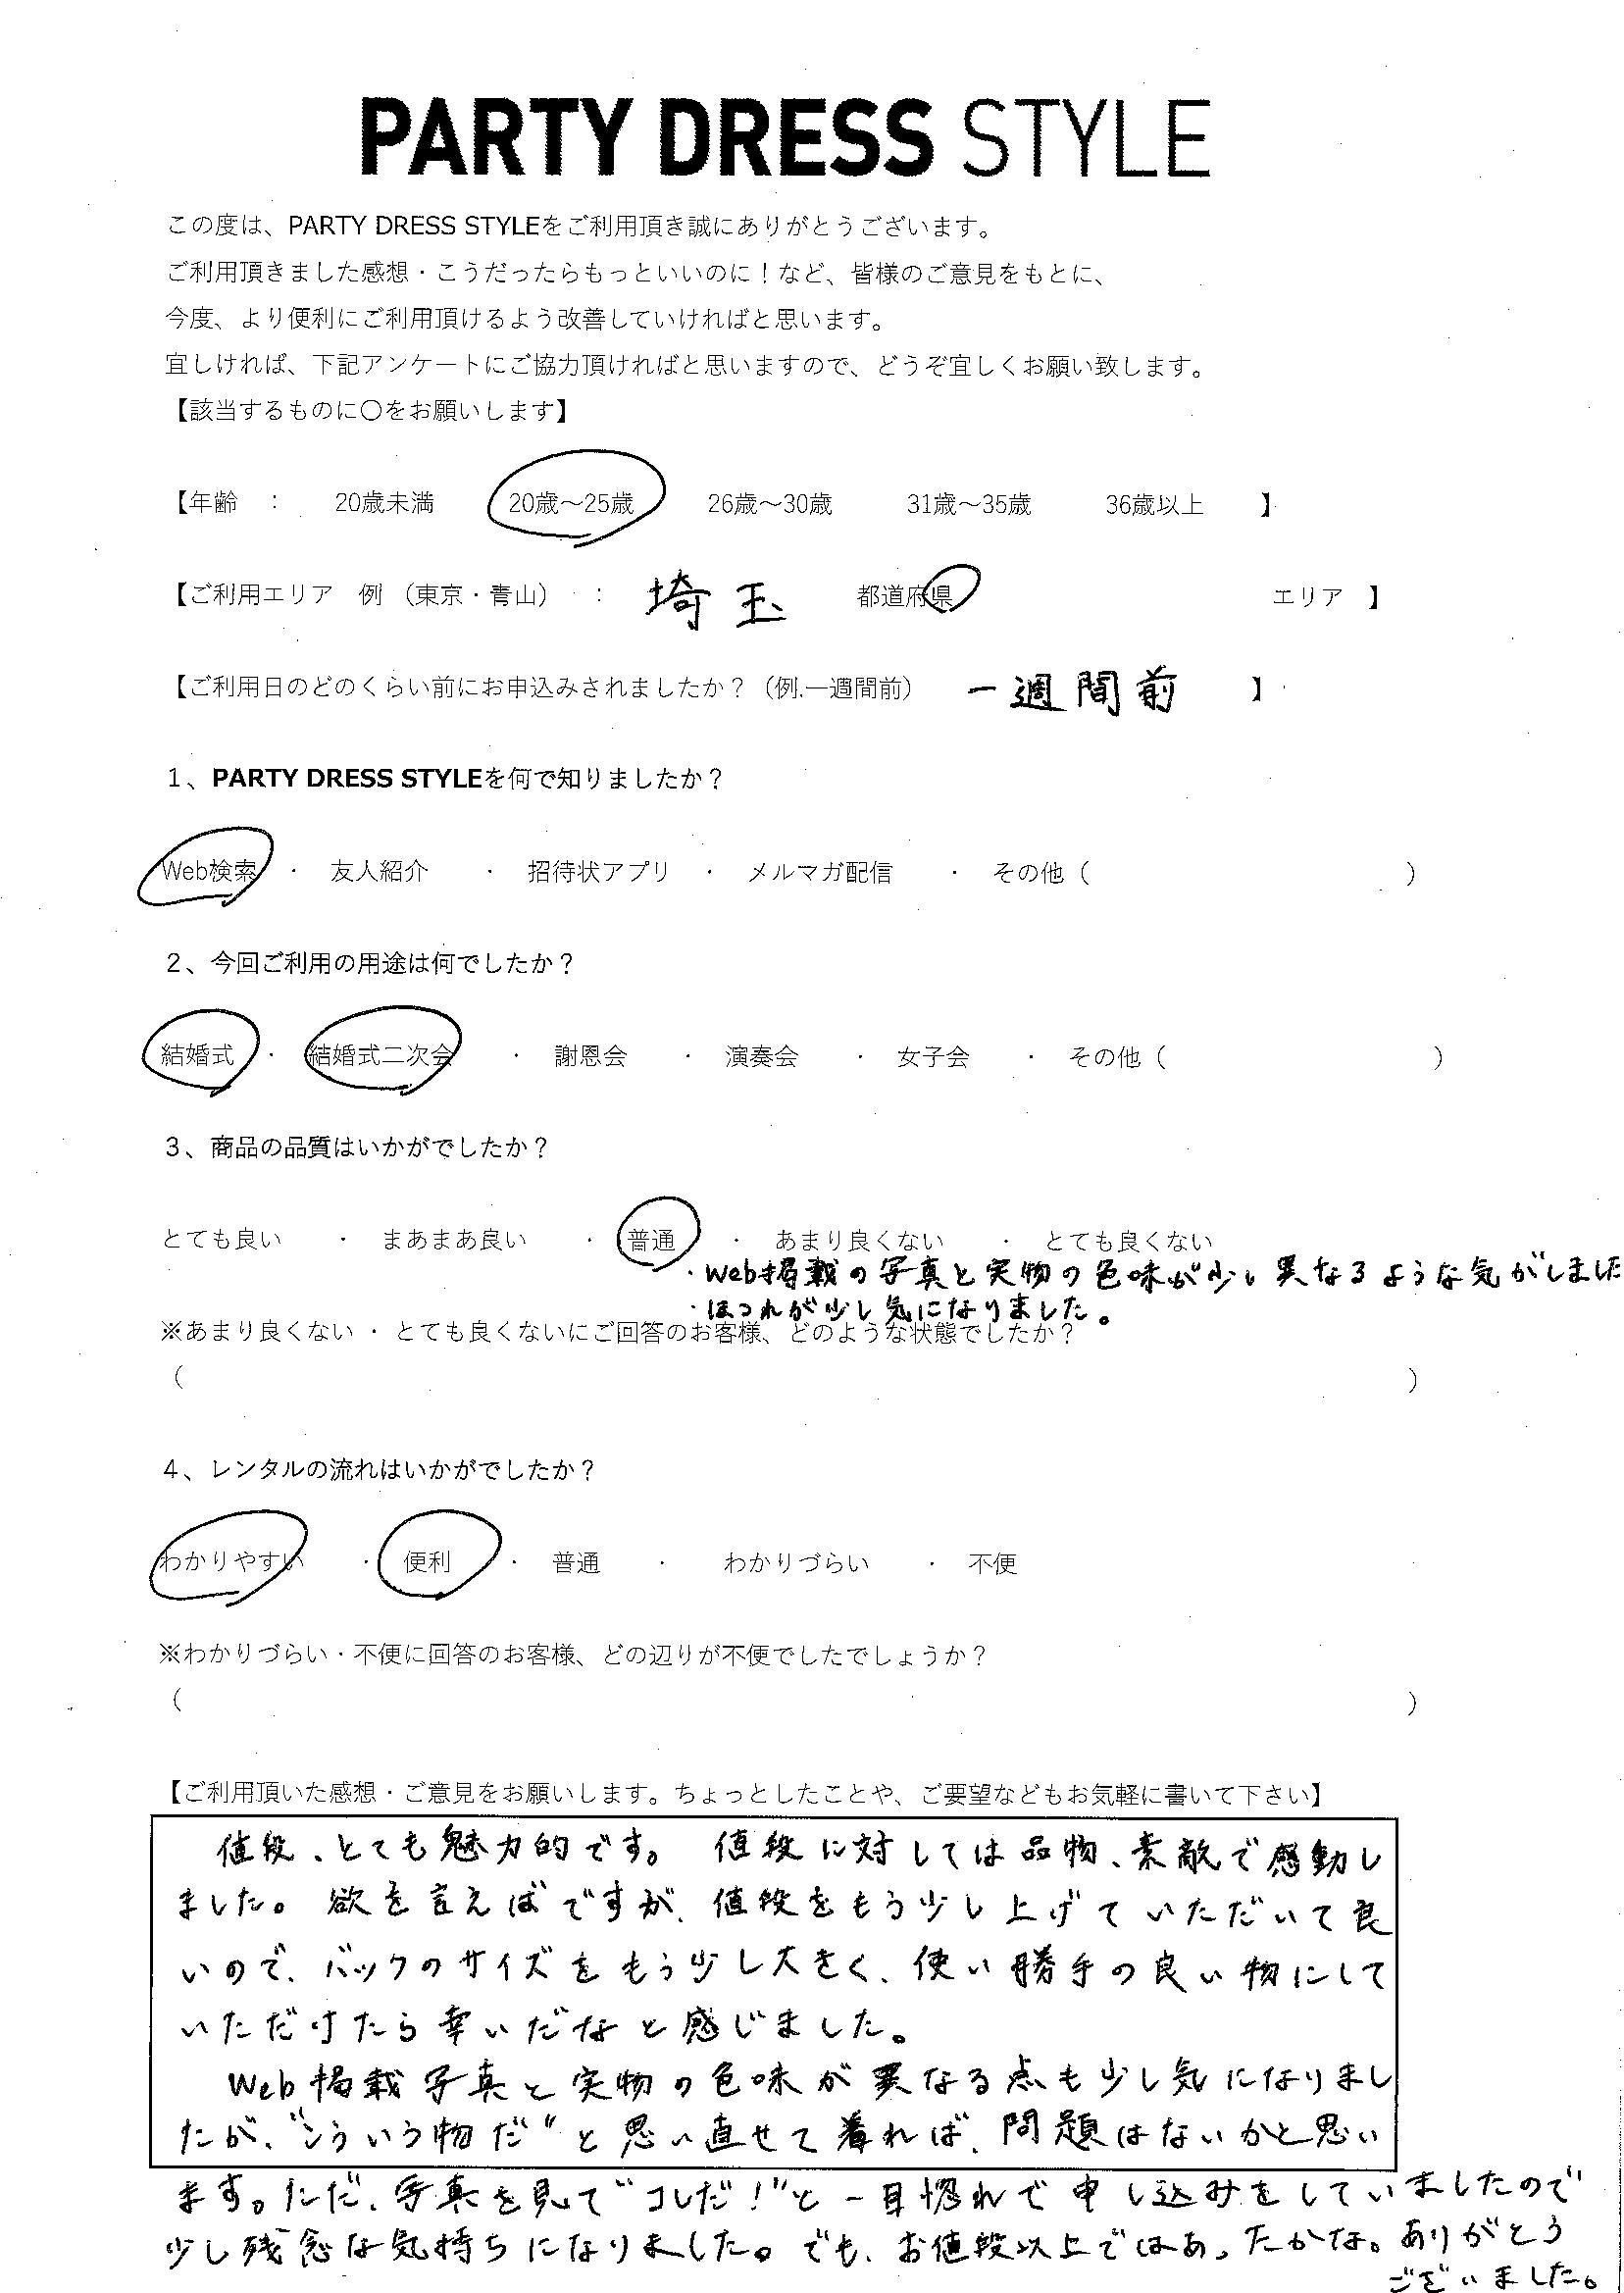 7月8日結婚式・結婚式ご利用 埼玉エリア